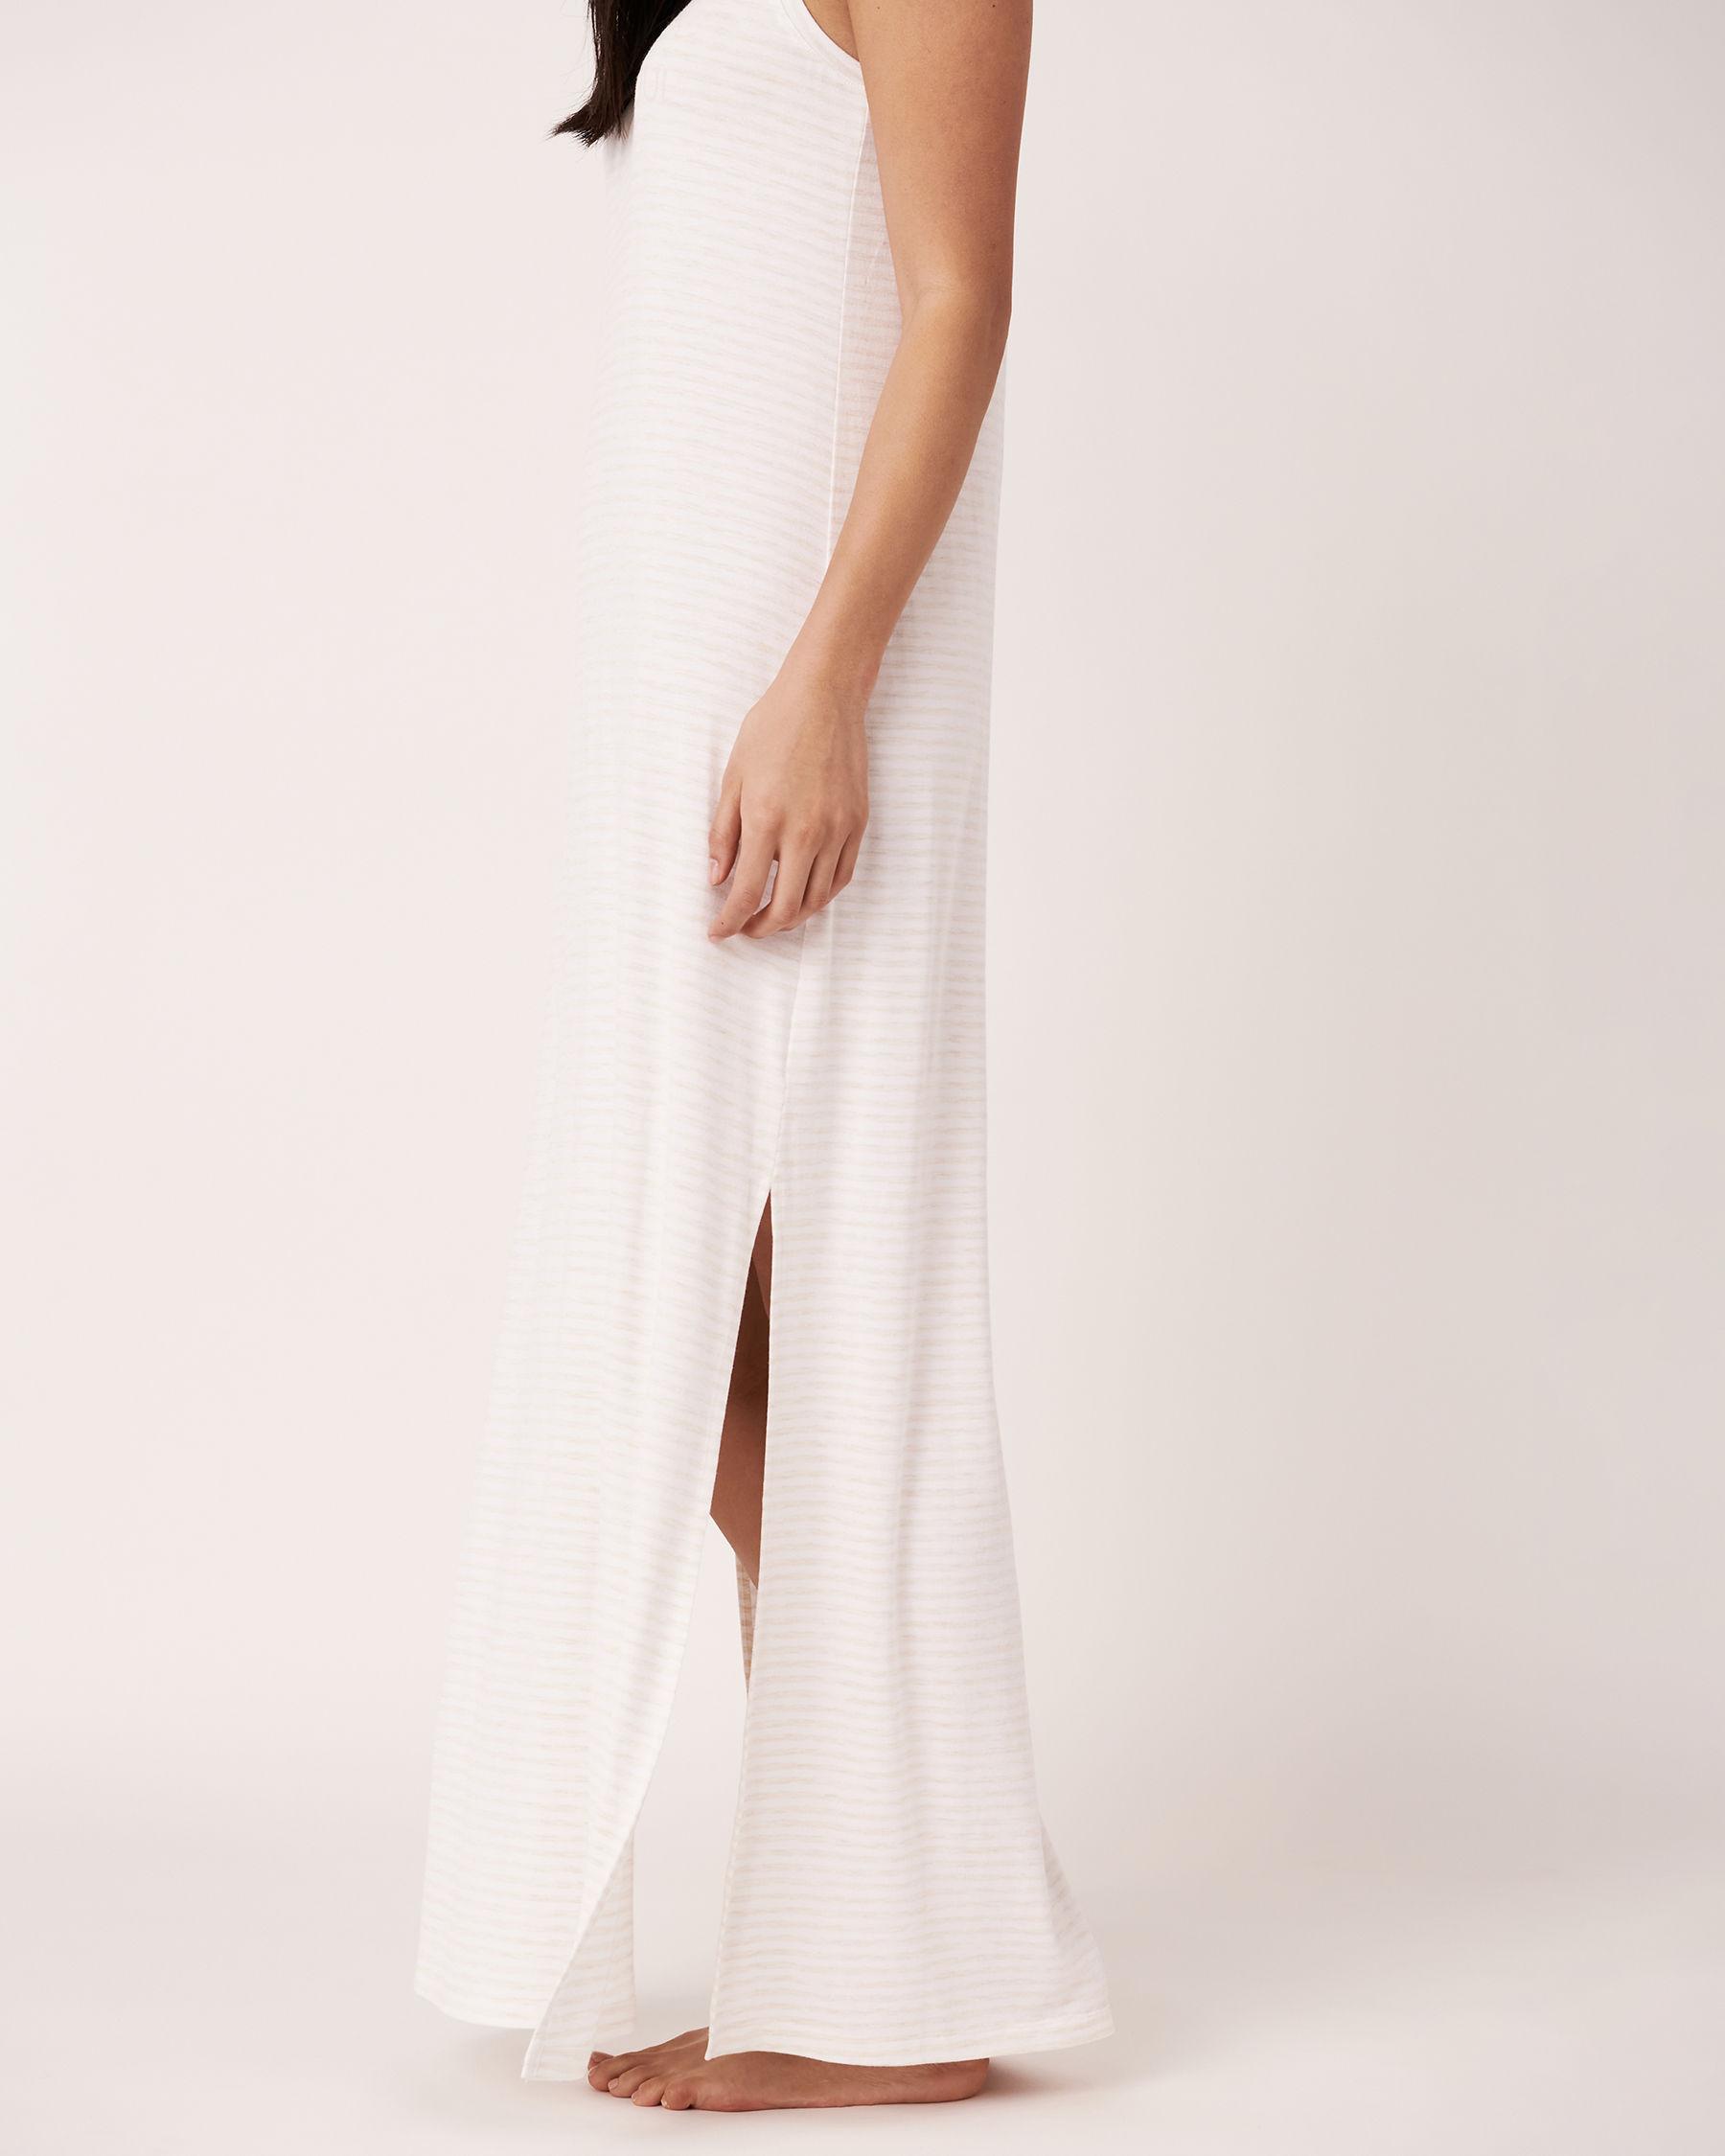 LA VIE EN ROSE Sleeveless Maxi Dress Grey and white stripes 50400001 - View3